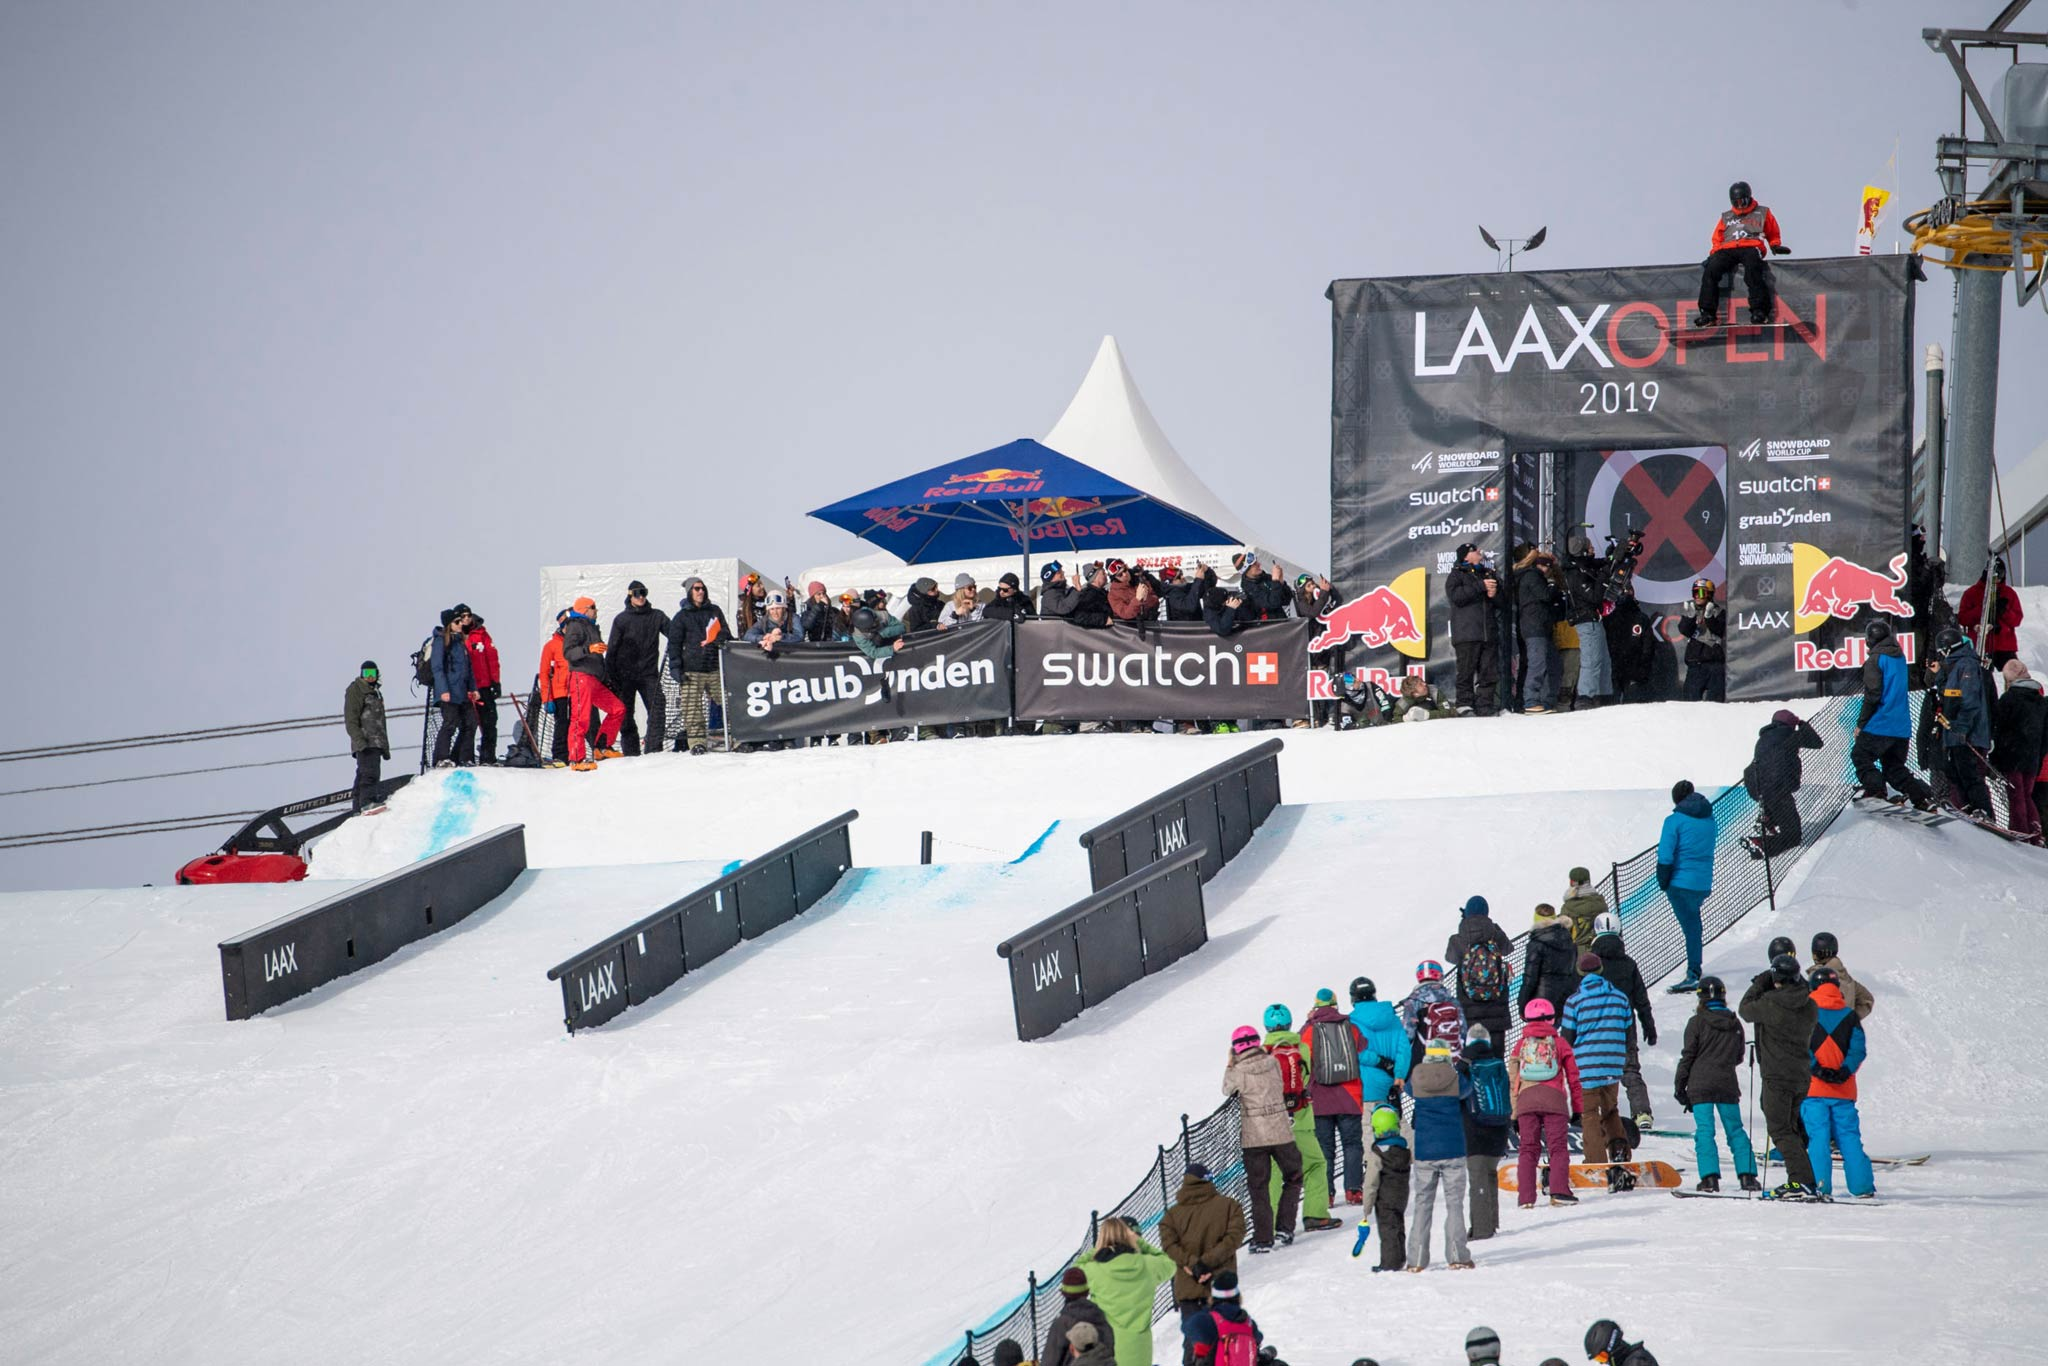 Der Slopestyle Kurs wird nicht der einzige Platz für Action und Unterhaltung bei den LAAX Open 2020 werden. - Foto: Laemmerhirt